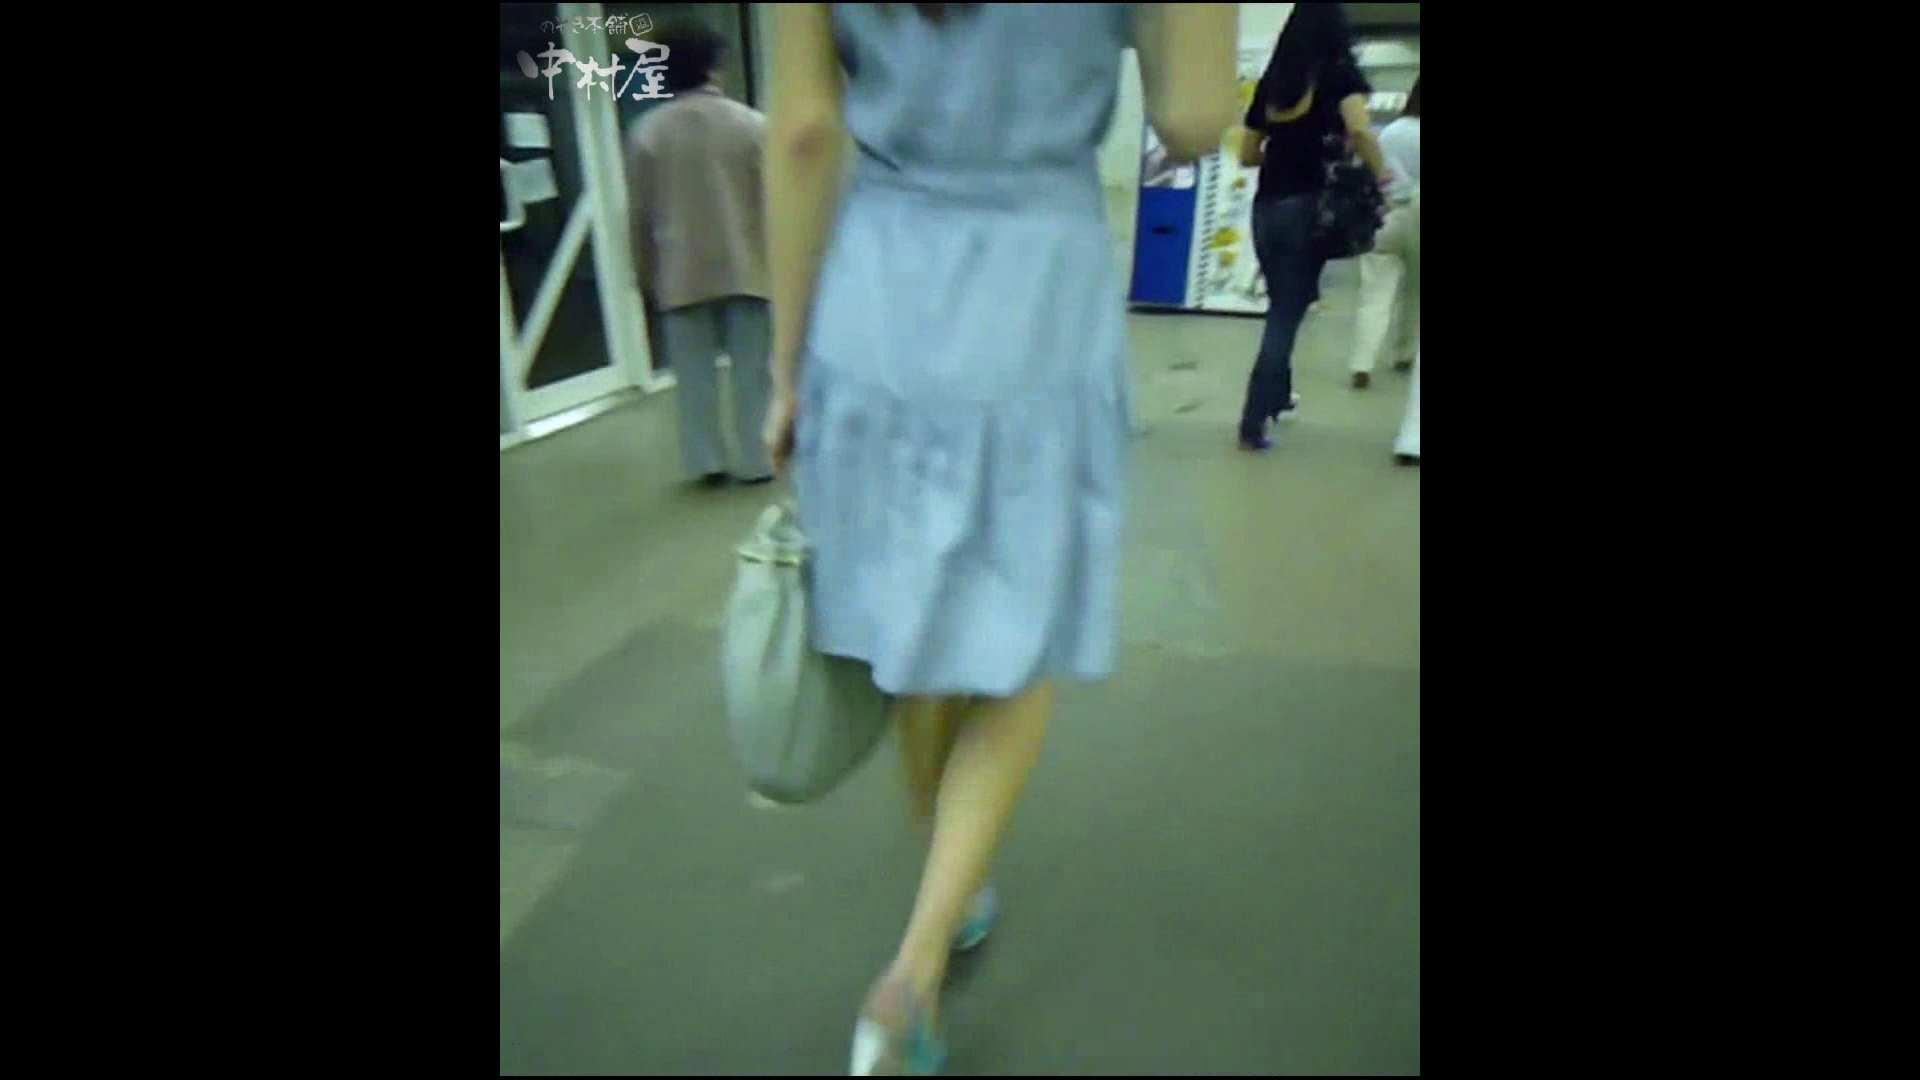 綺麗なモデルさんのスカート捲っちゃおう‼ vol26 Hなお姉さん | HなOL  76pic 66